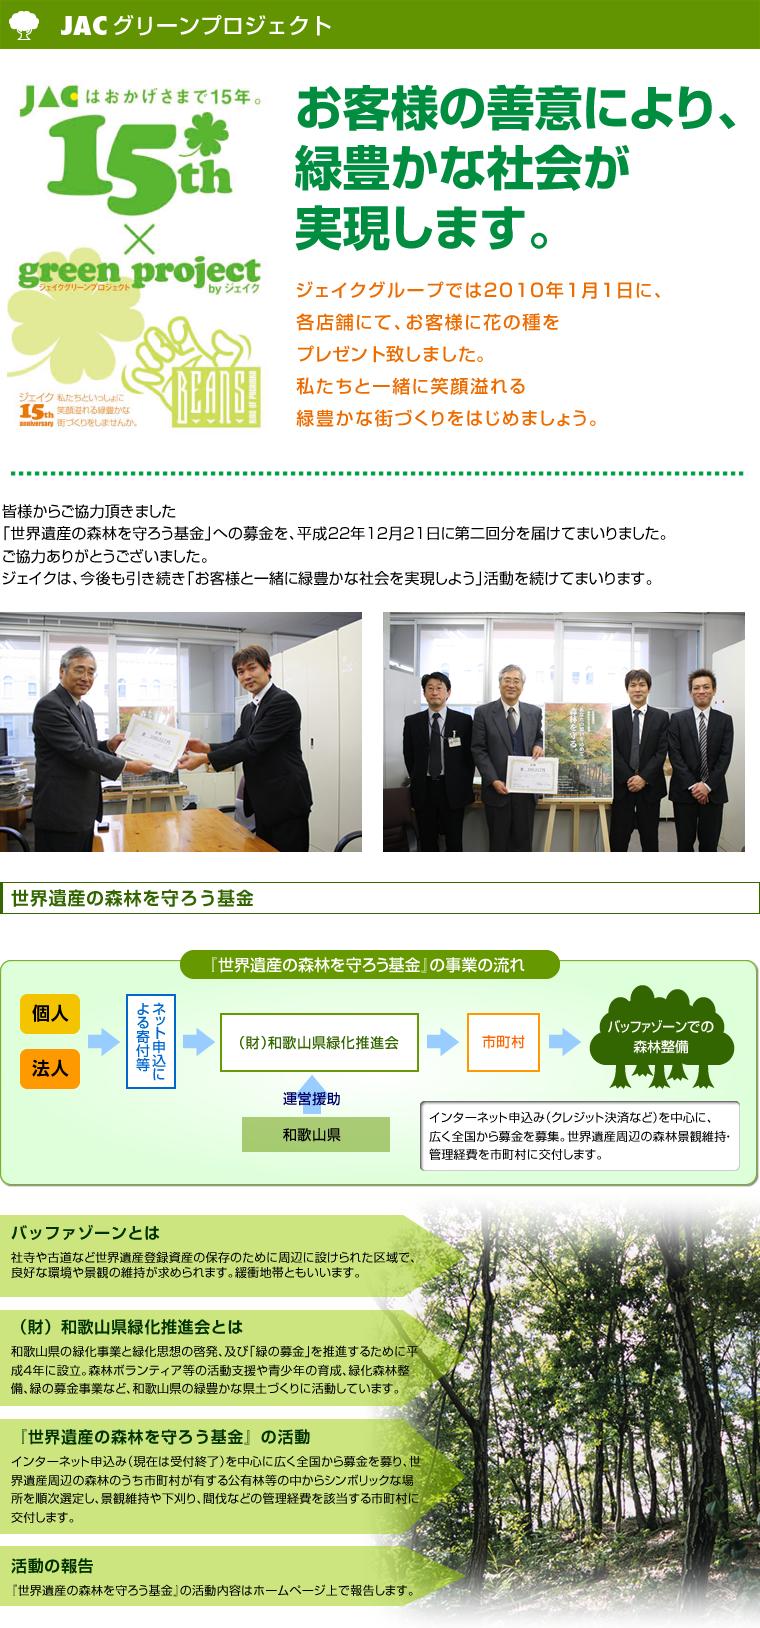 グリーンプロジェクト